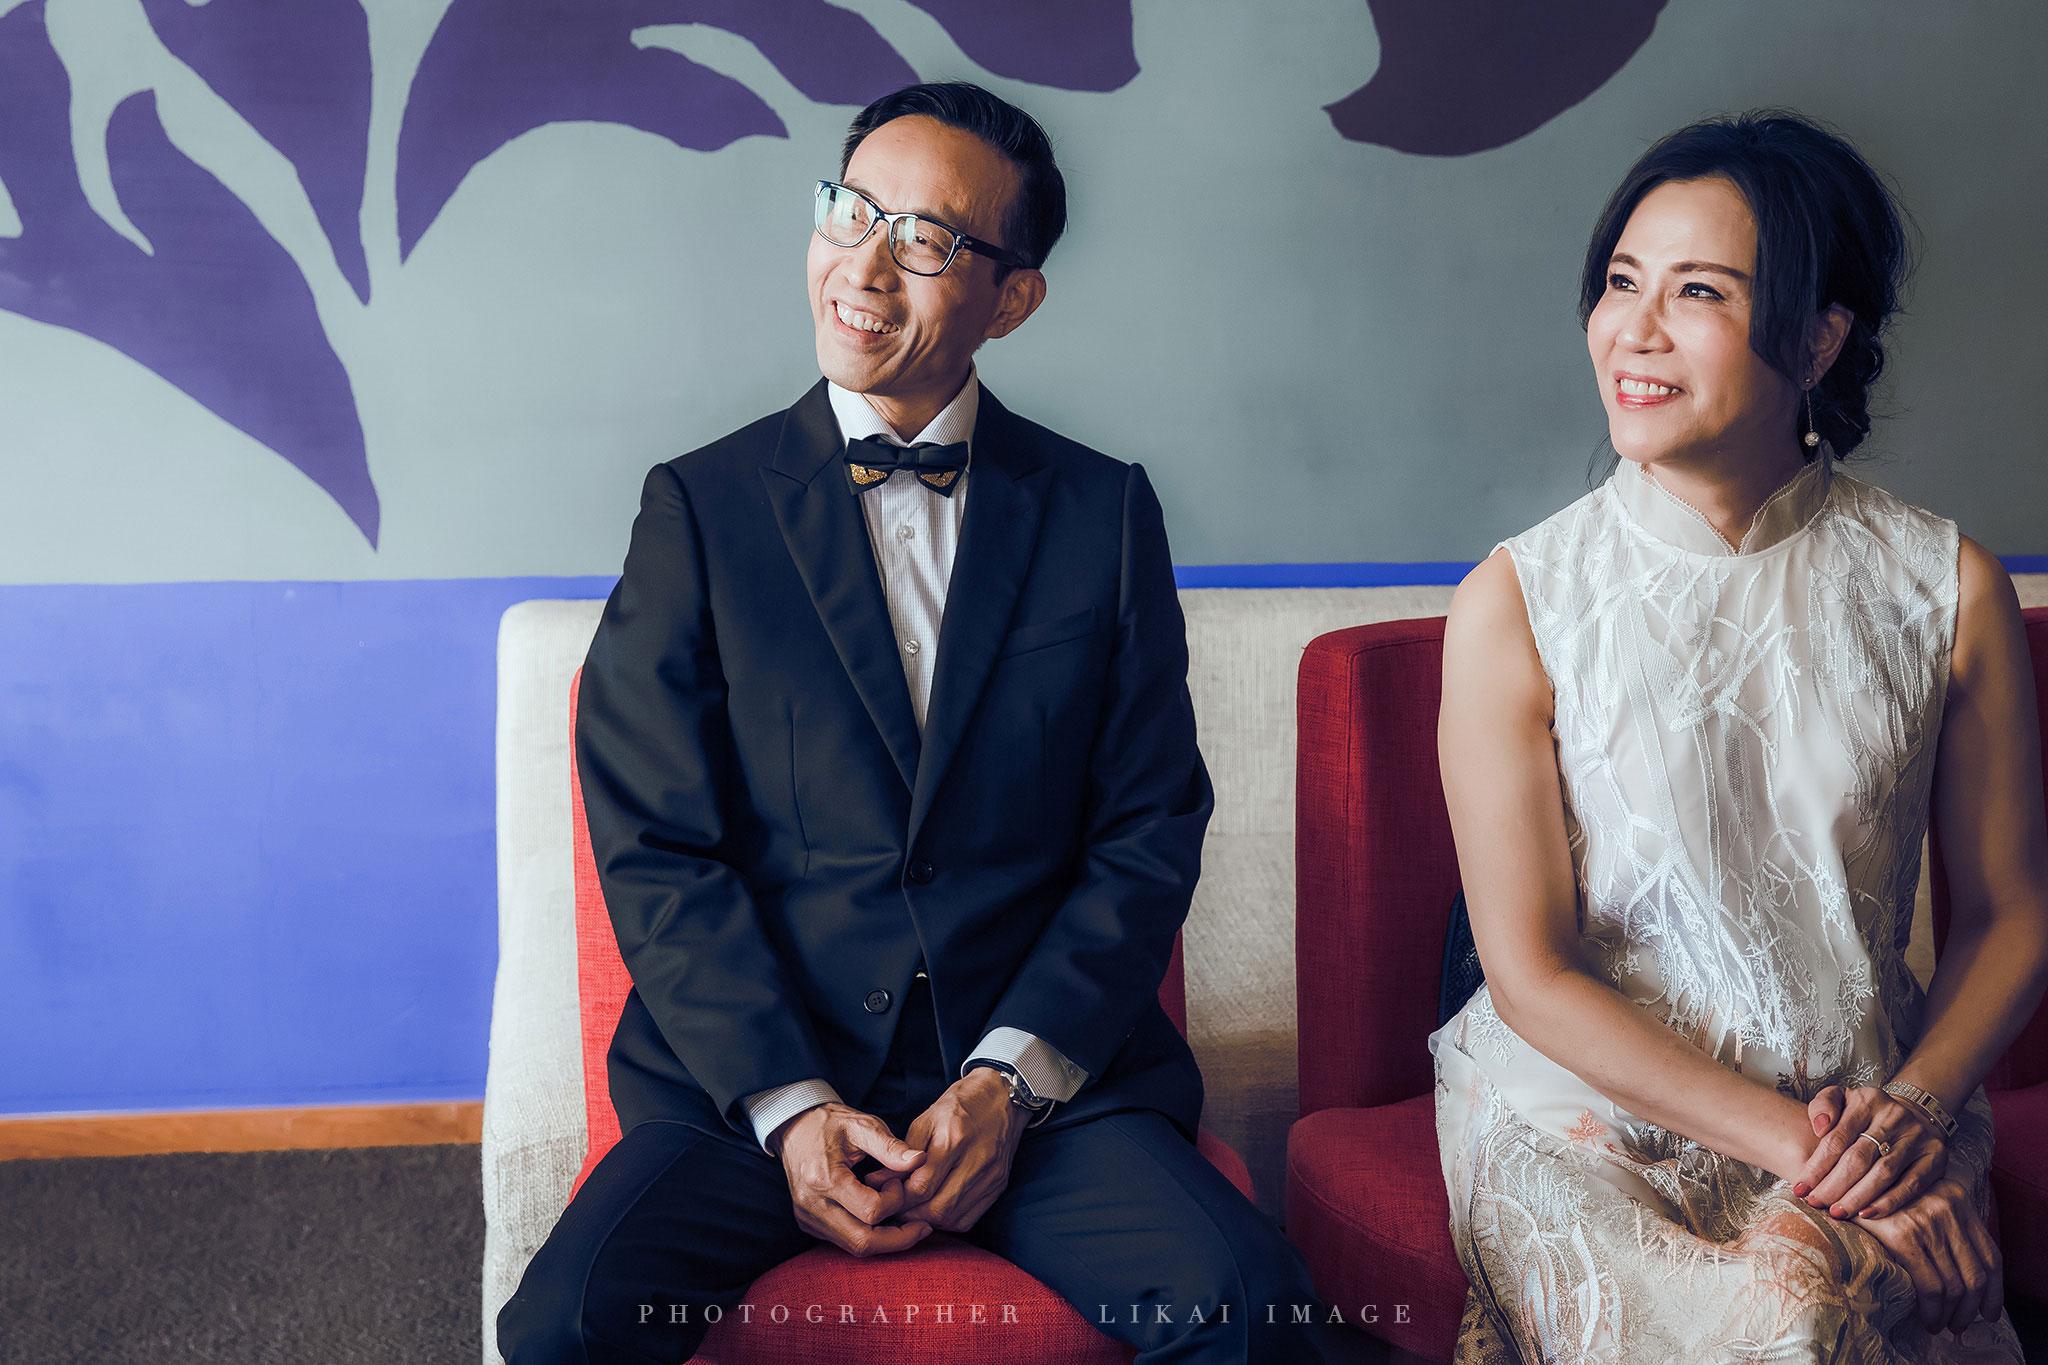 婚禮紀錄 - 以潔 & 永崴 - 南方莊園渡假飯店